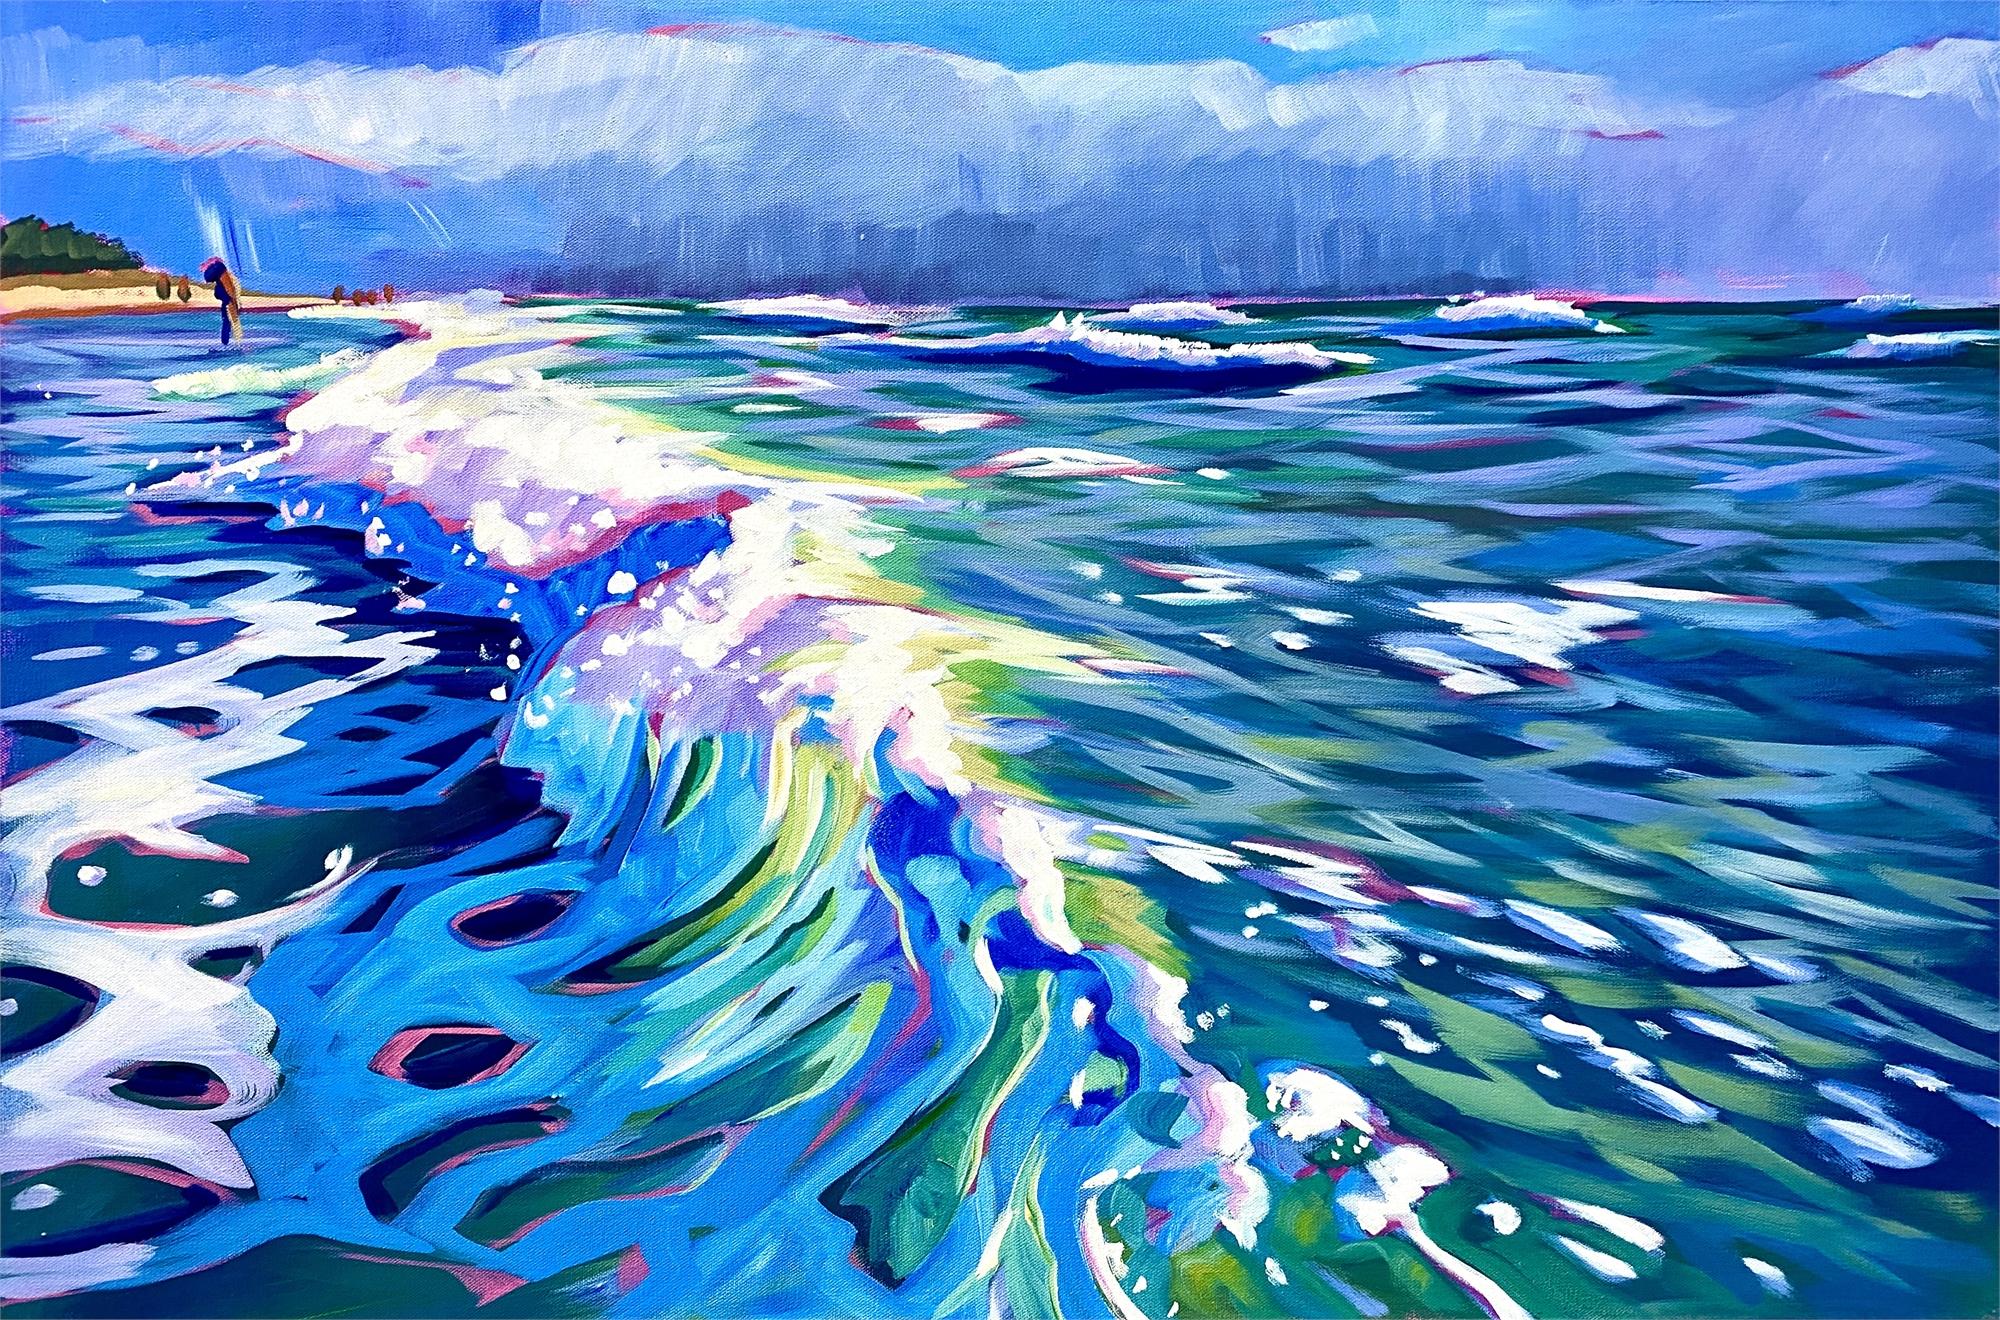 Gulf Storms by Sari Shryack